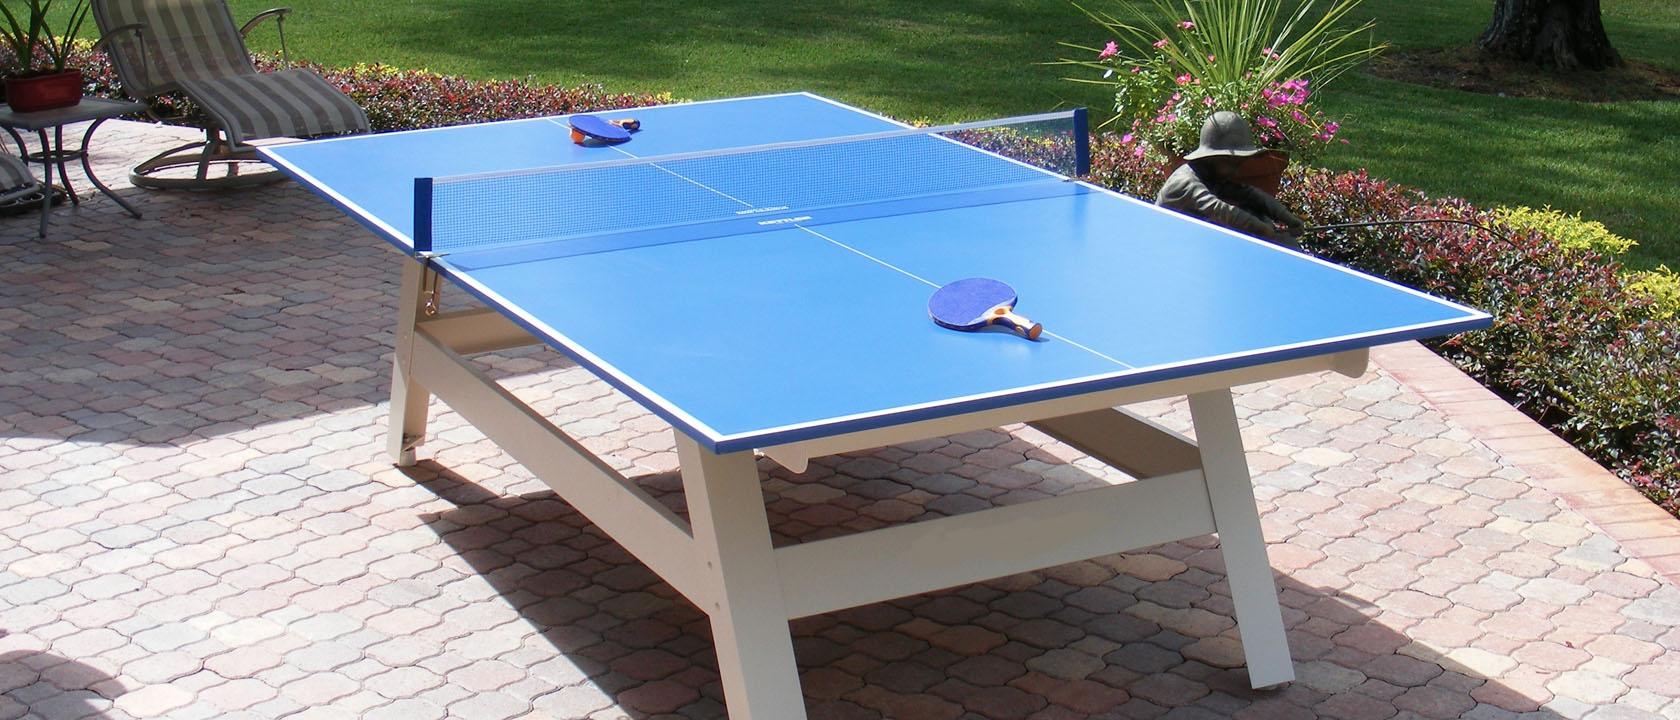 Mesas de ping pong de interior para instalar en colegios e for Mesa ping pong carrefour